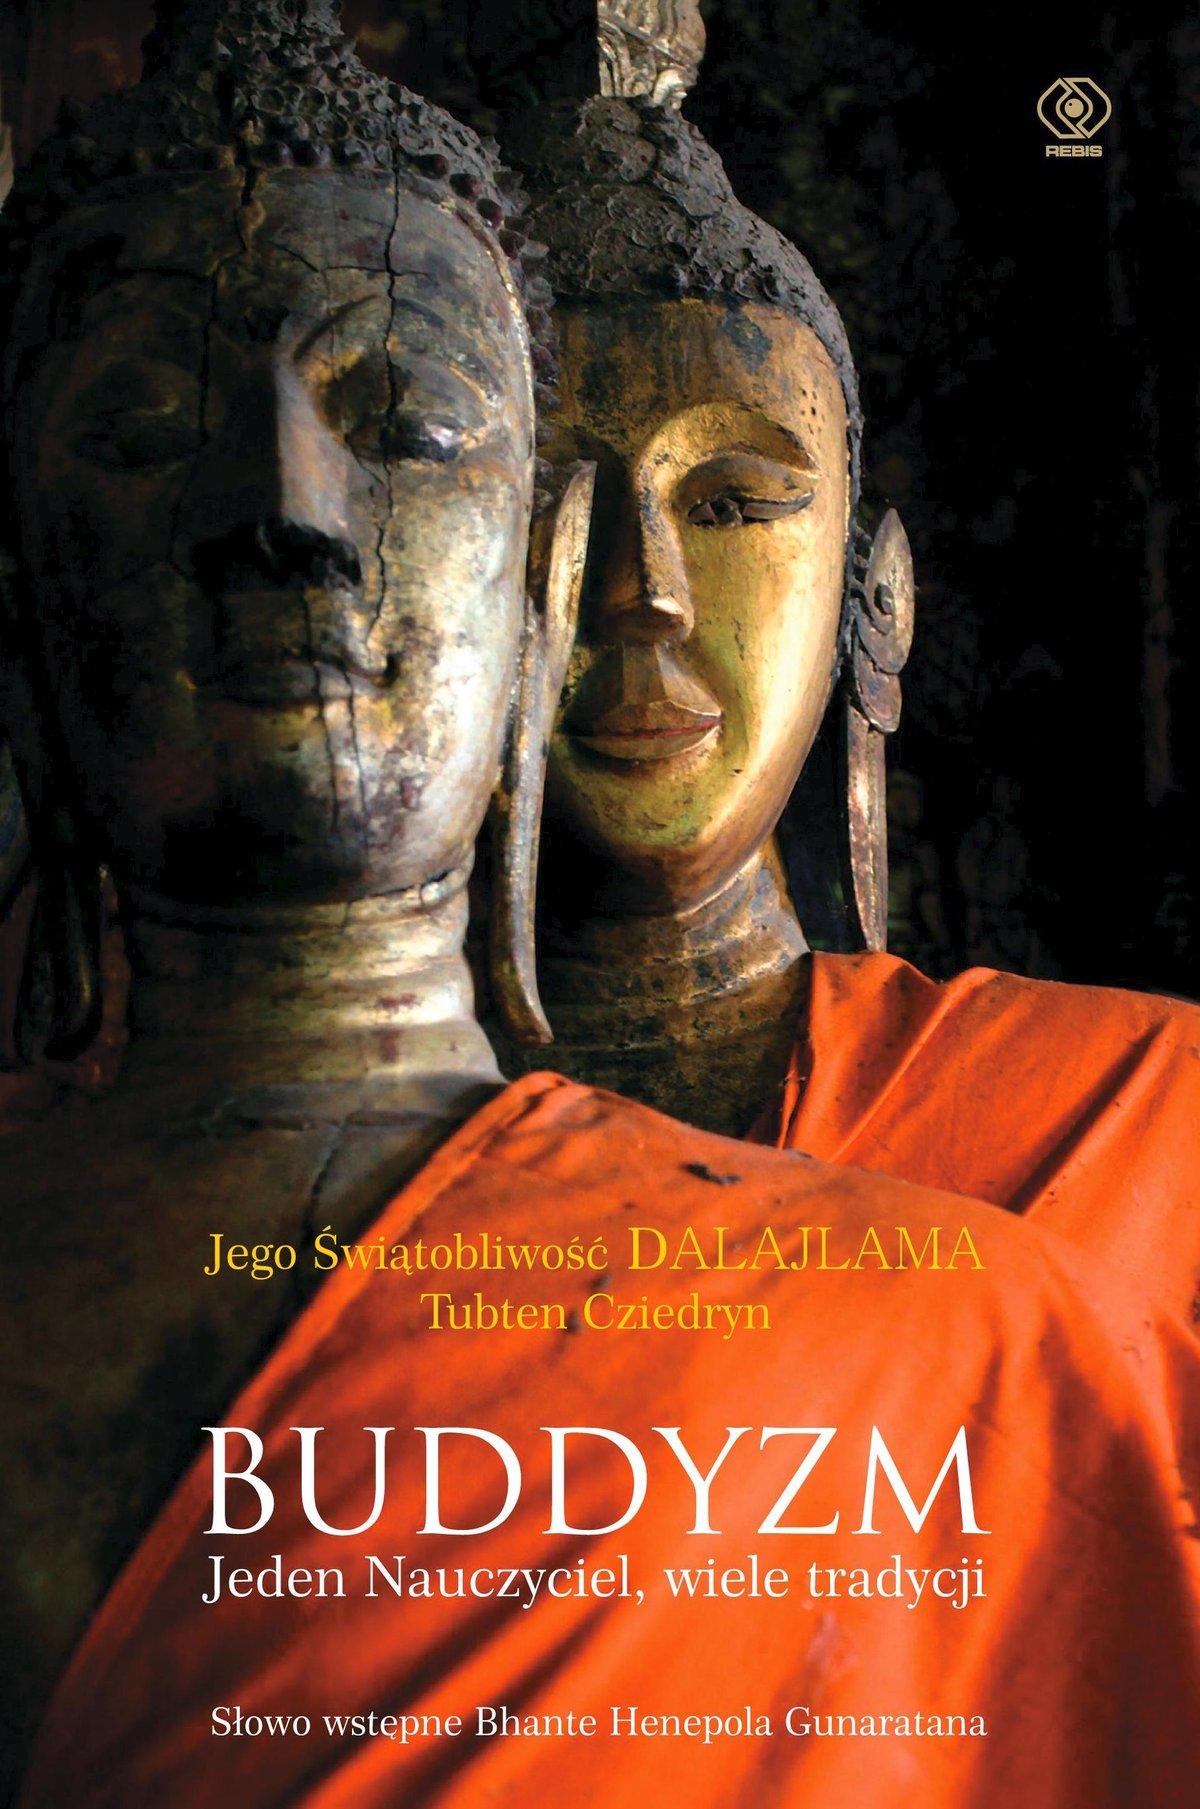 Buddyzm. Jeden nauczyciel, wiele tradycji - Ebook (Książka na Kindle) do pobrania w formacie MOBI